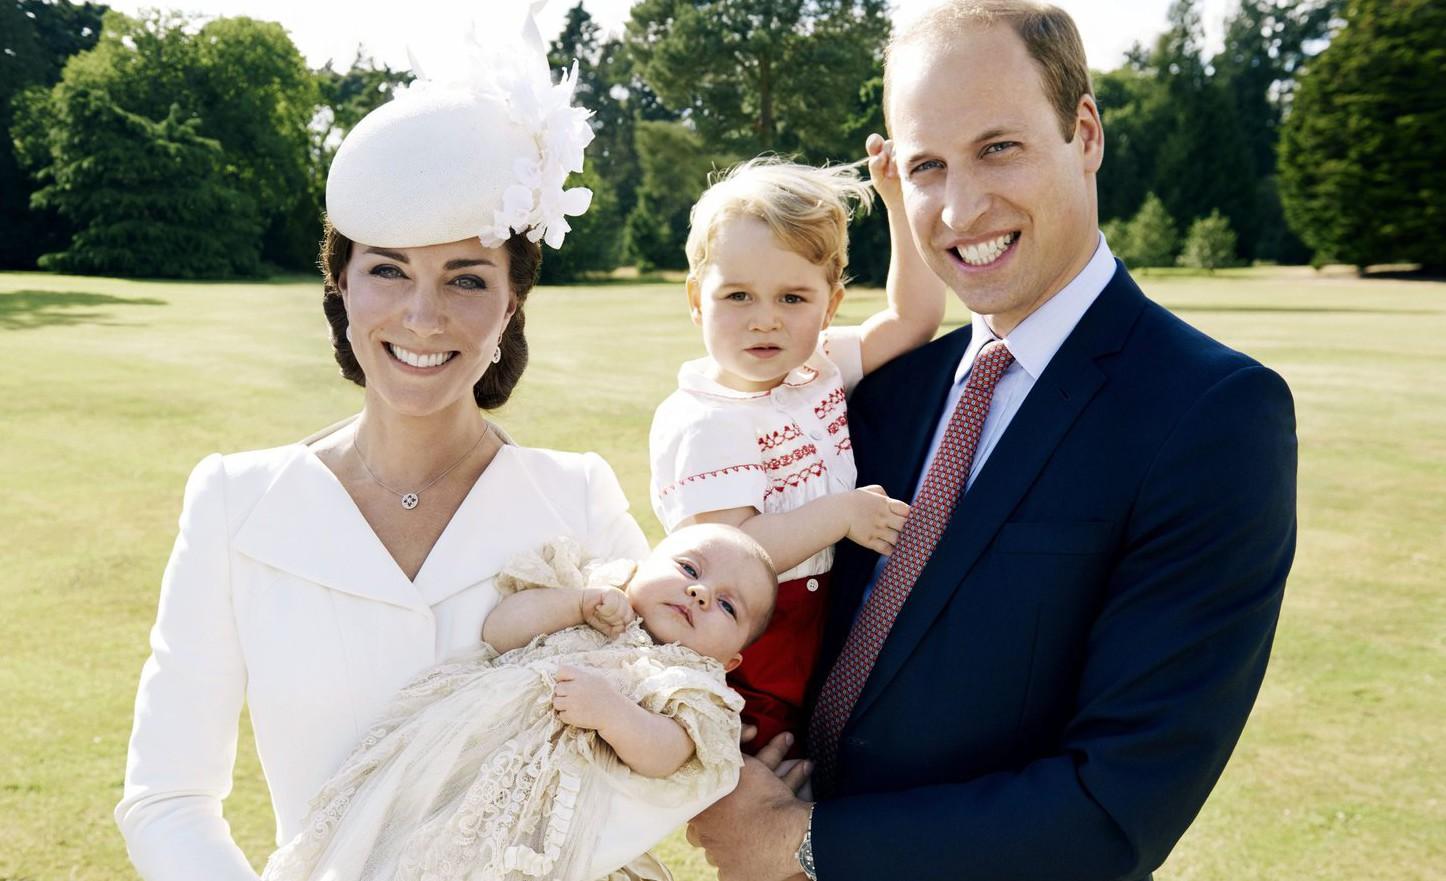 Az első hivatalos fotók Sarolta hercegnő keresztelőjéről. Fotó: MTI/EPA